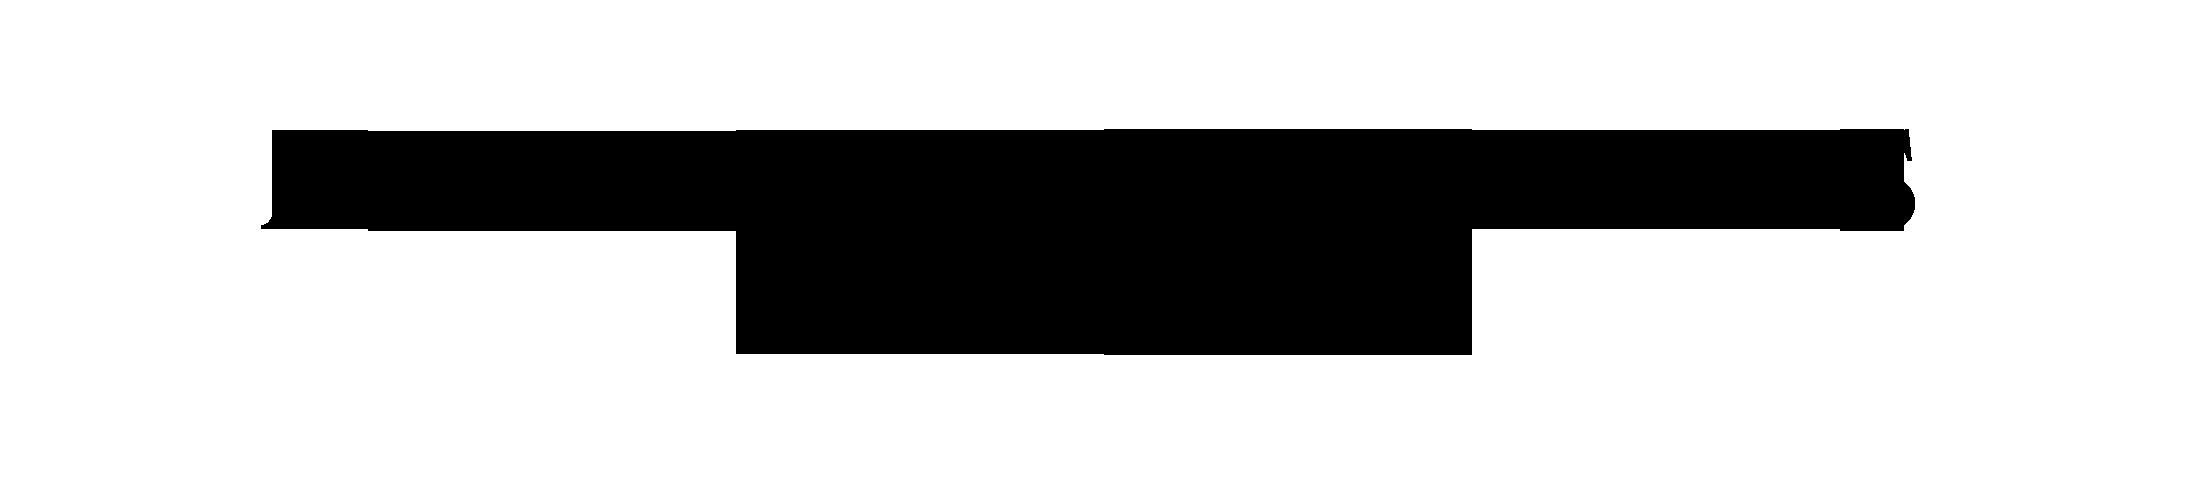 andrianna shamaris logo